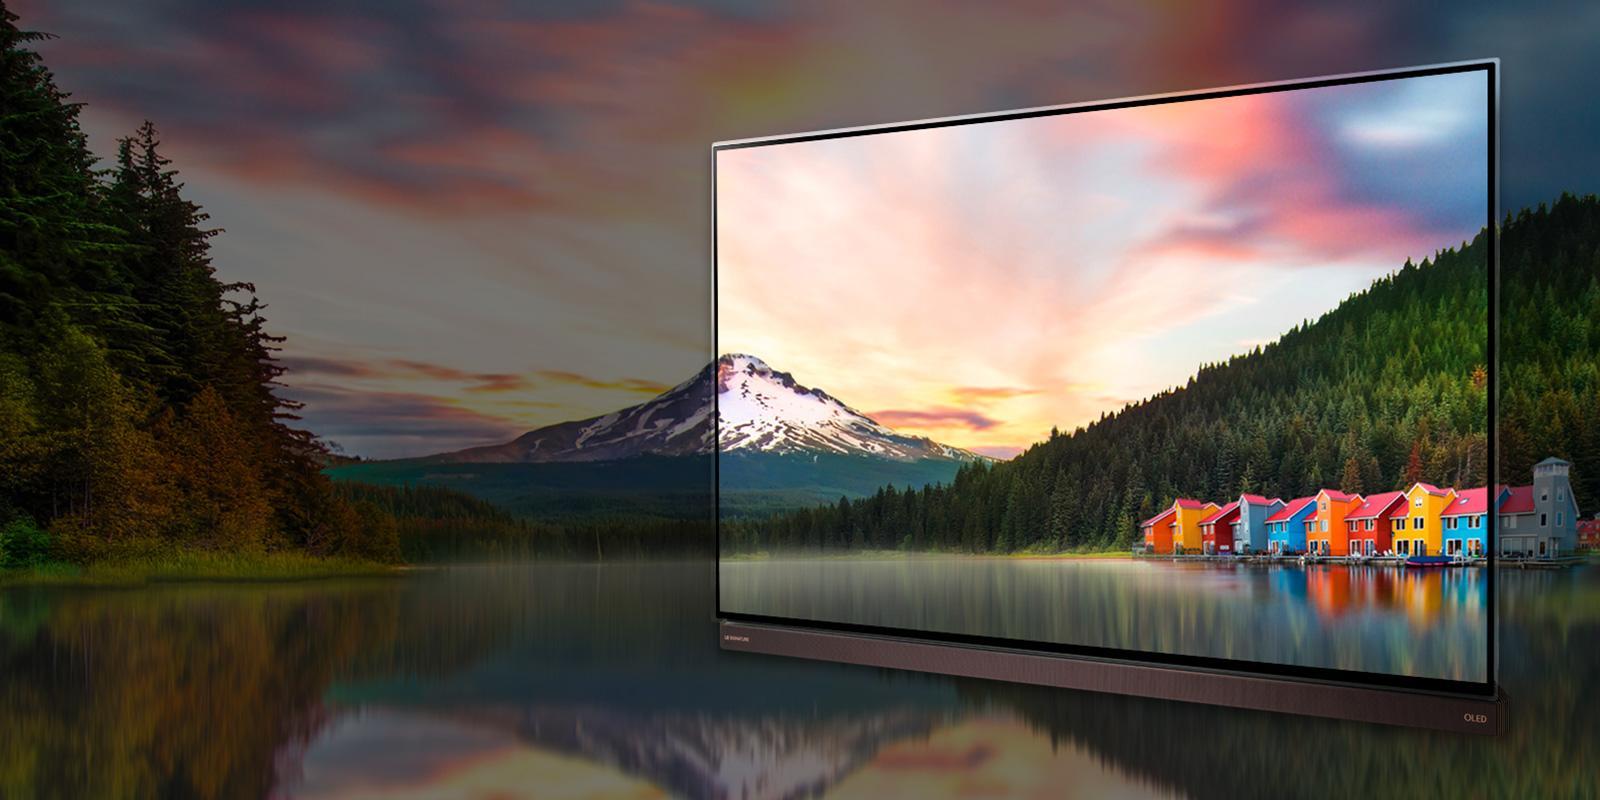 """[Trên tay] Chiếc TV LG Signature dòng G6 77"""", OLED, 4K, HDR, thiết kế sang trọng, mỏng chỉ 2,57mm - 107274"""